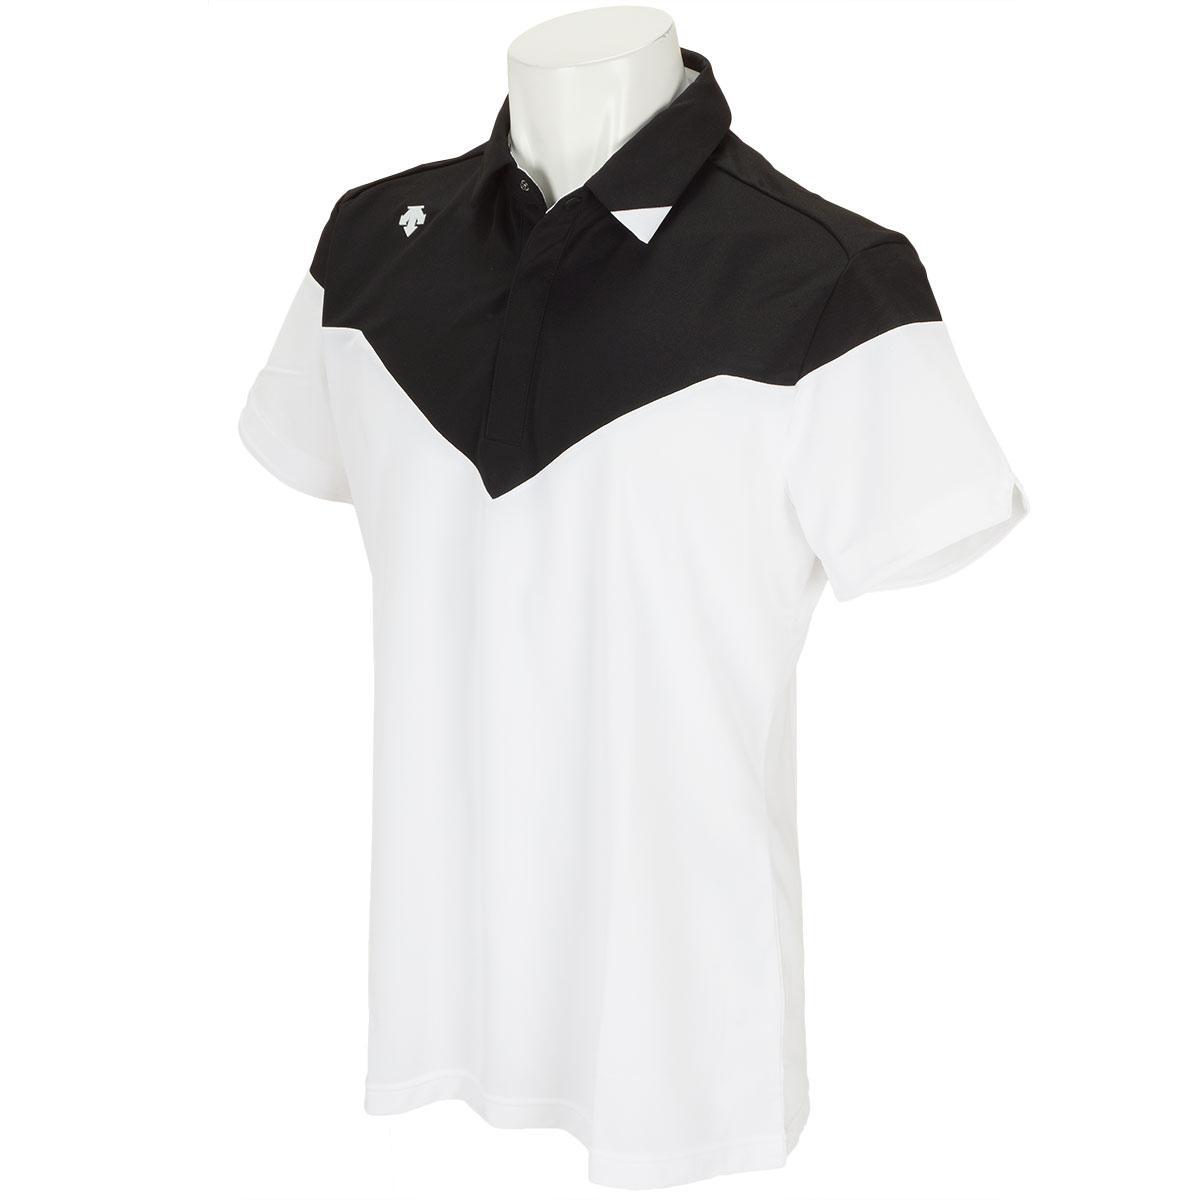 デサントゴルフ DESCENTE GOLF ストレッチ半袖ポロシャツ